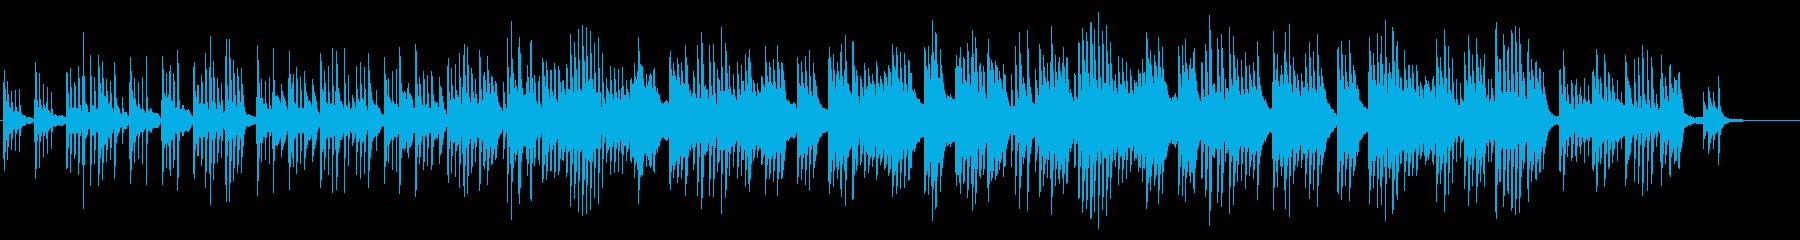 癒し系ピアノバラードの再生済みの波形